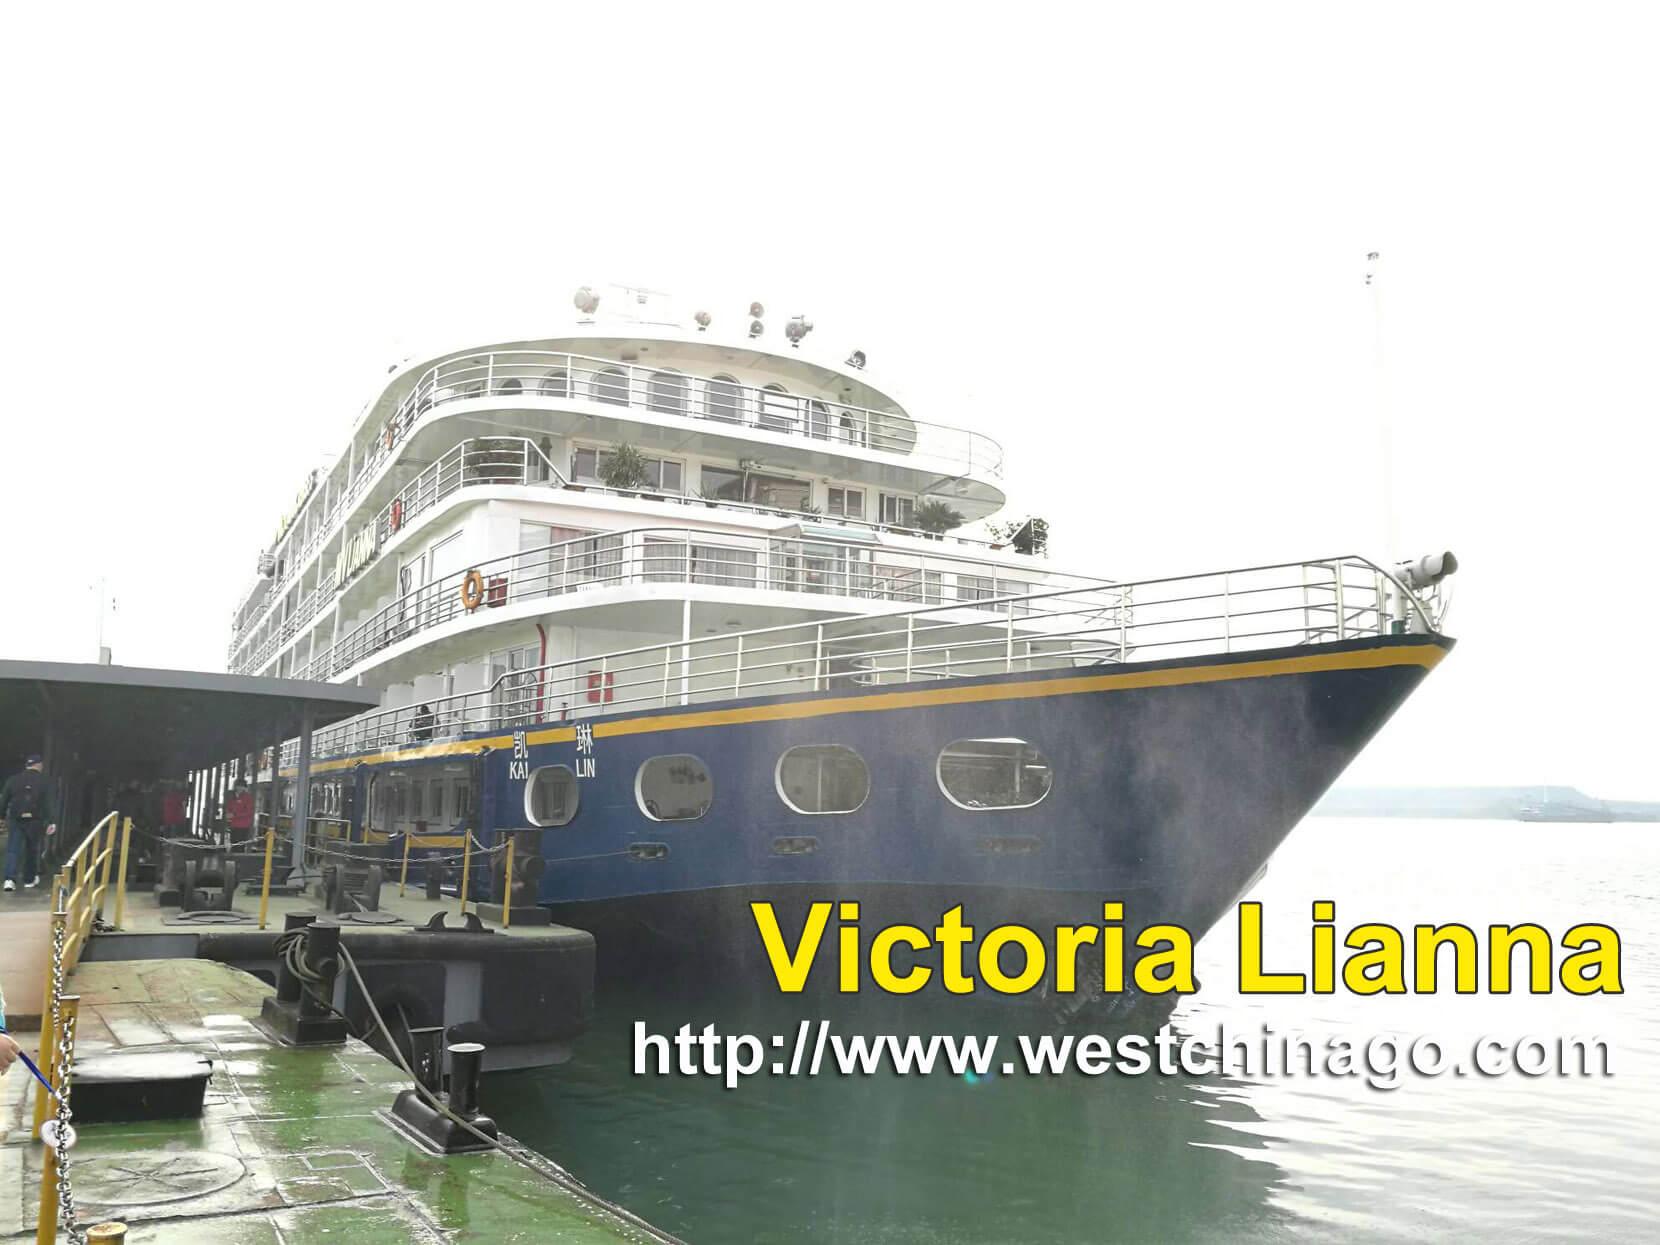 Victoria Lianna